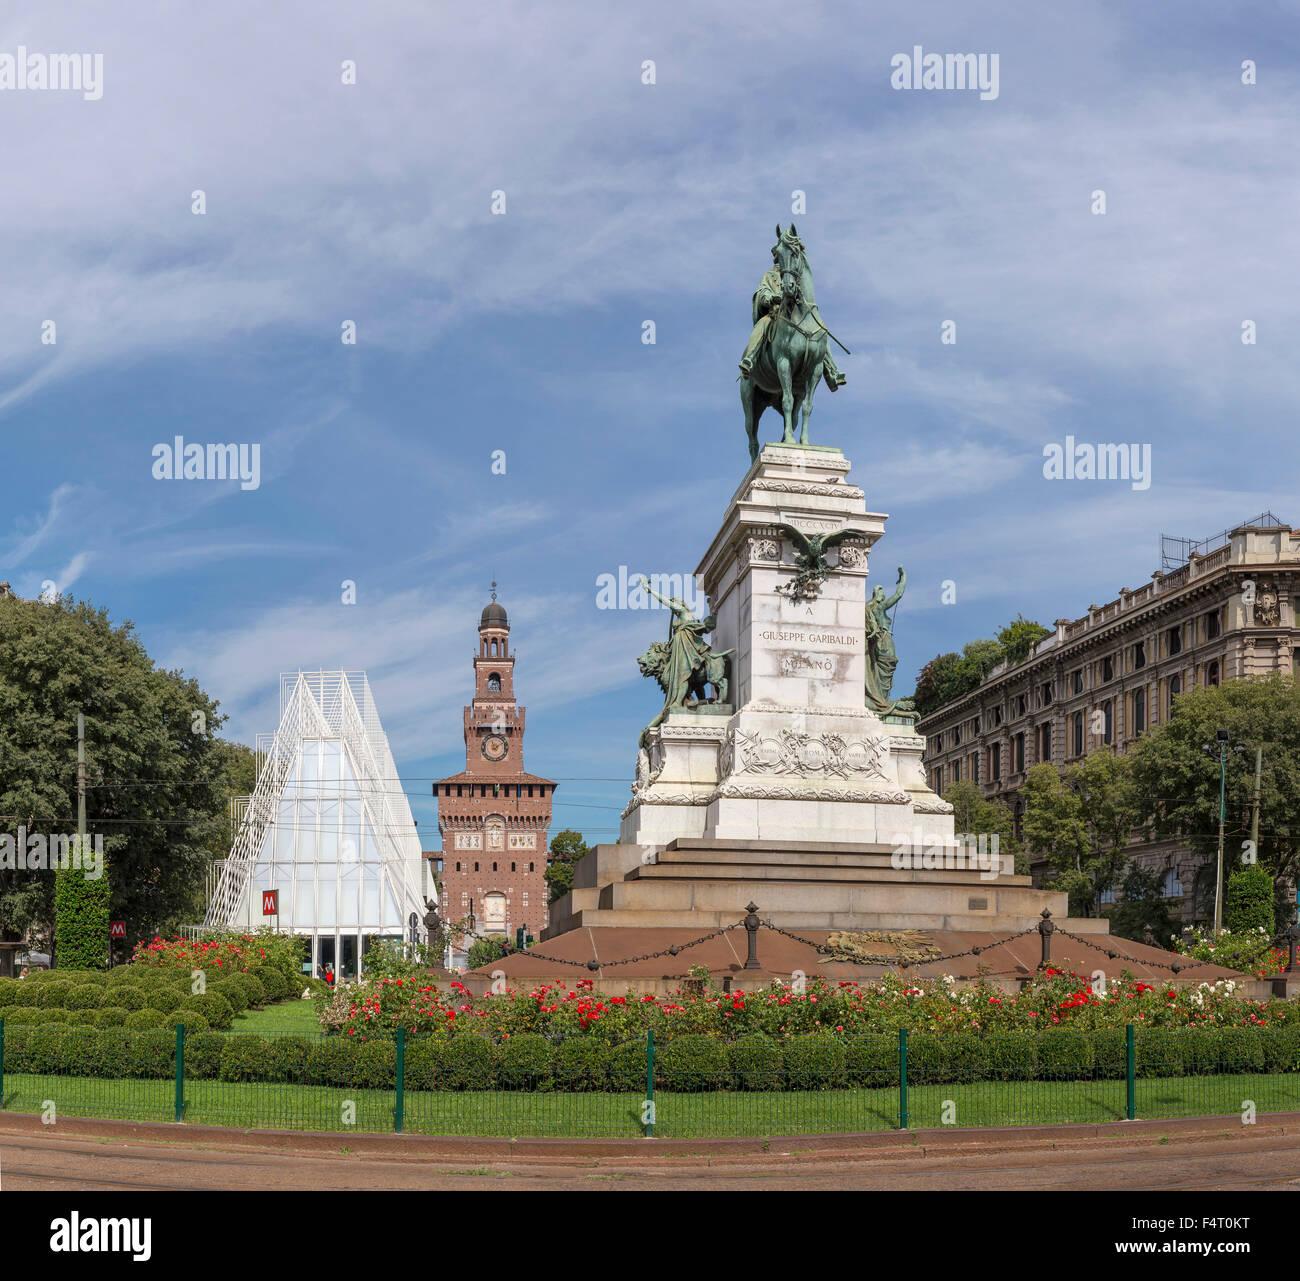 Italy, Europe, Milano, Lombardy, Largo Benedetto Cairoli, Castello Sforzesco, statue, Garibaldi, city, summer, - Stock Image